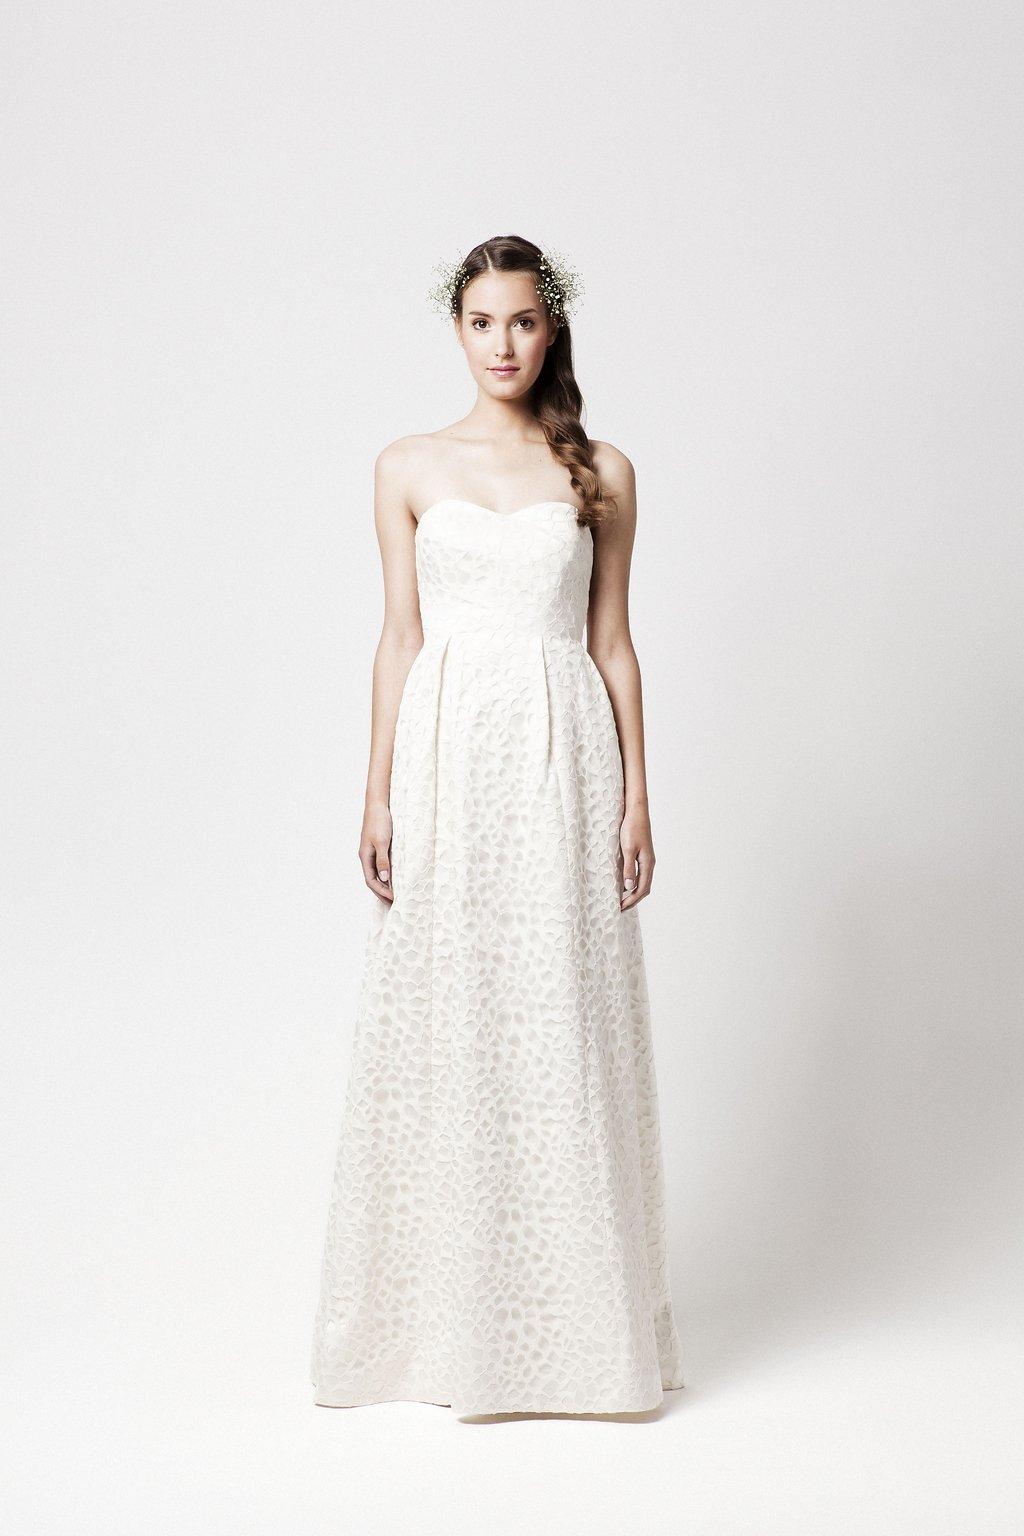 Berühmt Rayon Brautkleid Ideen - Hochzeit Kleid Stile Ideen ...